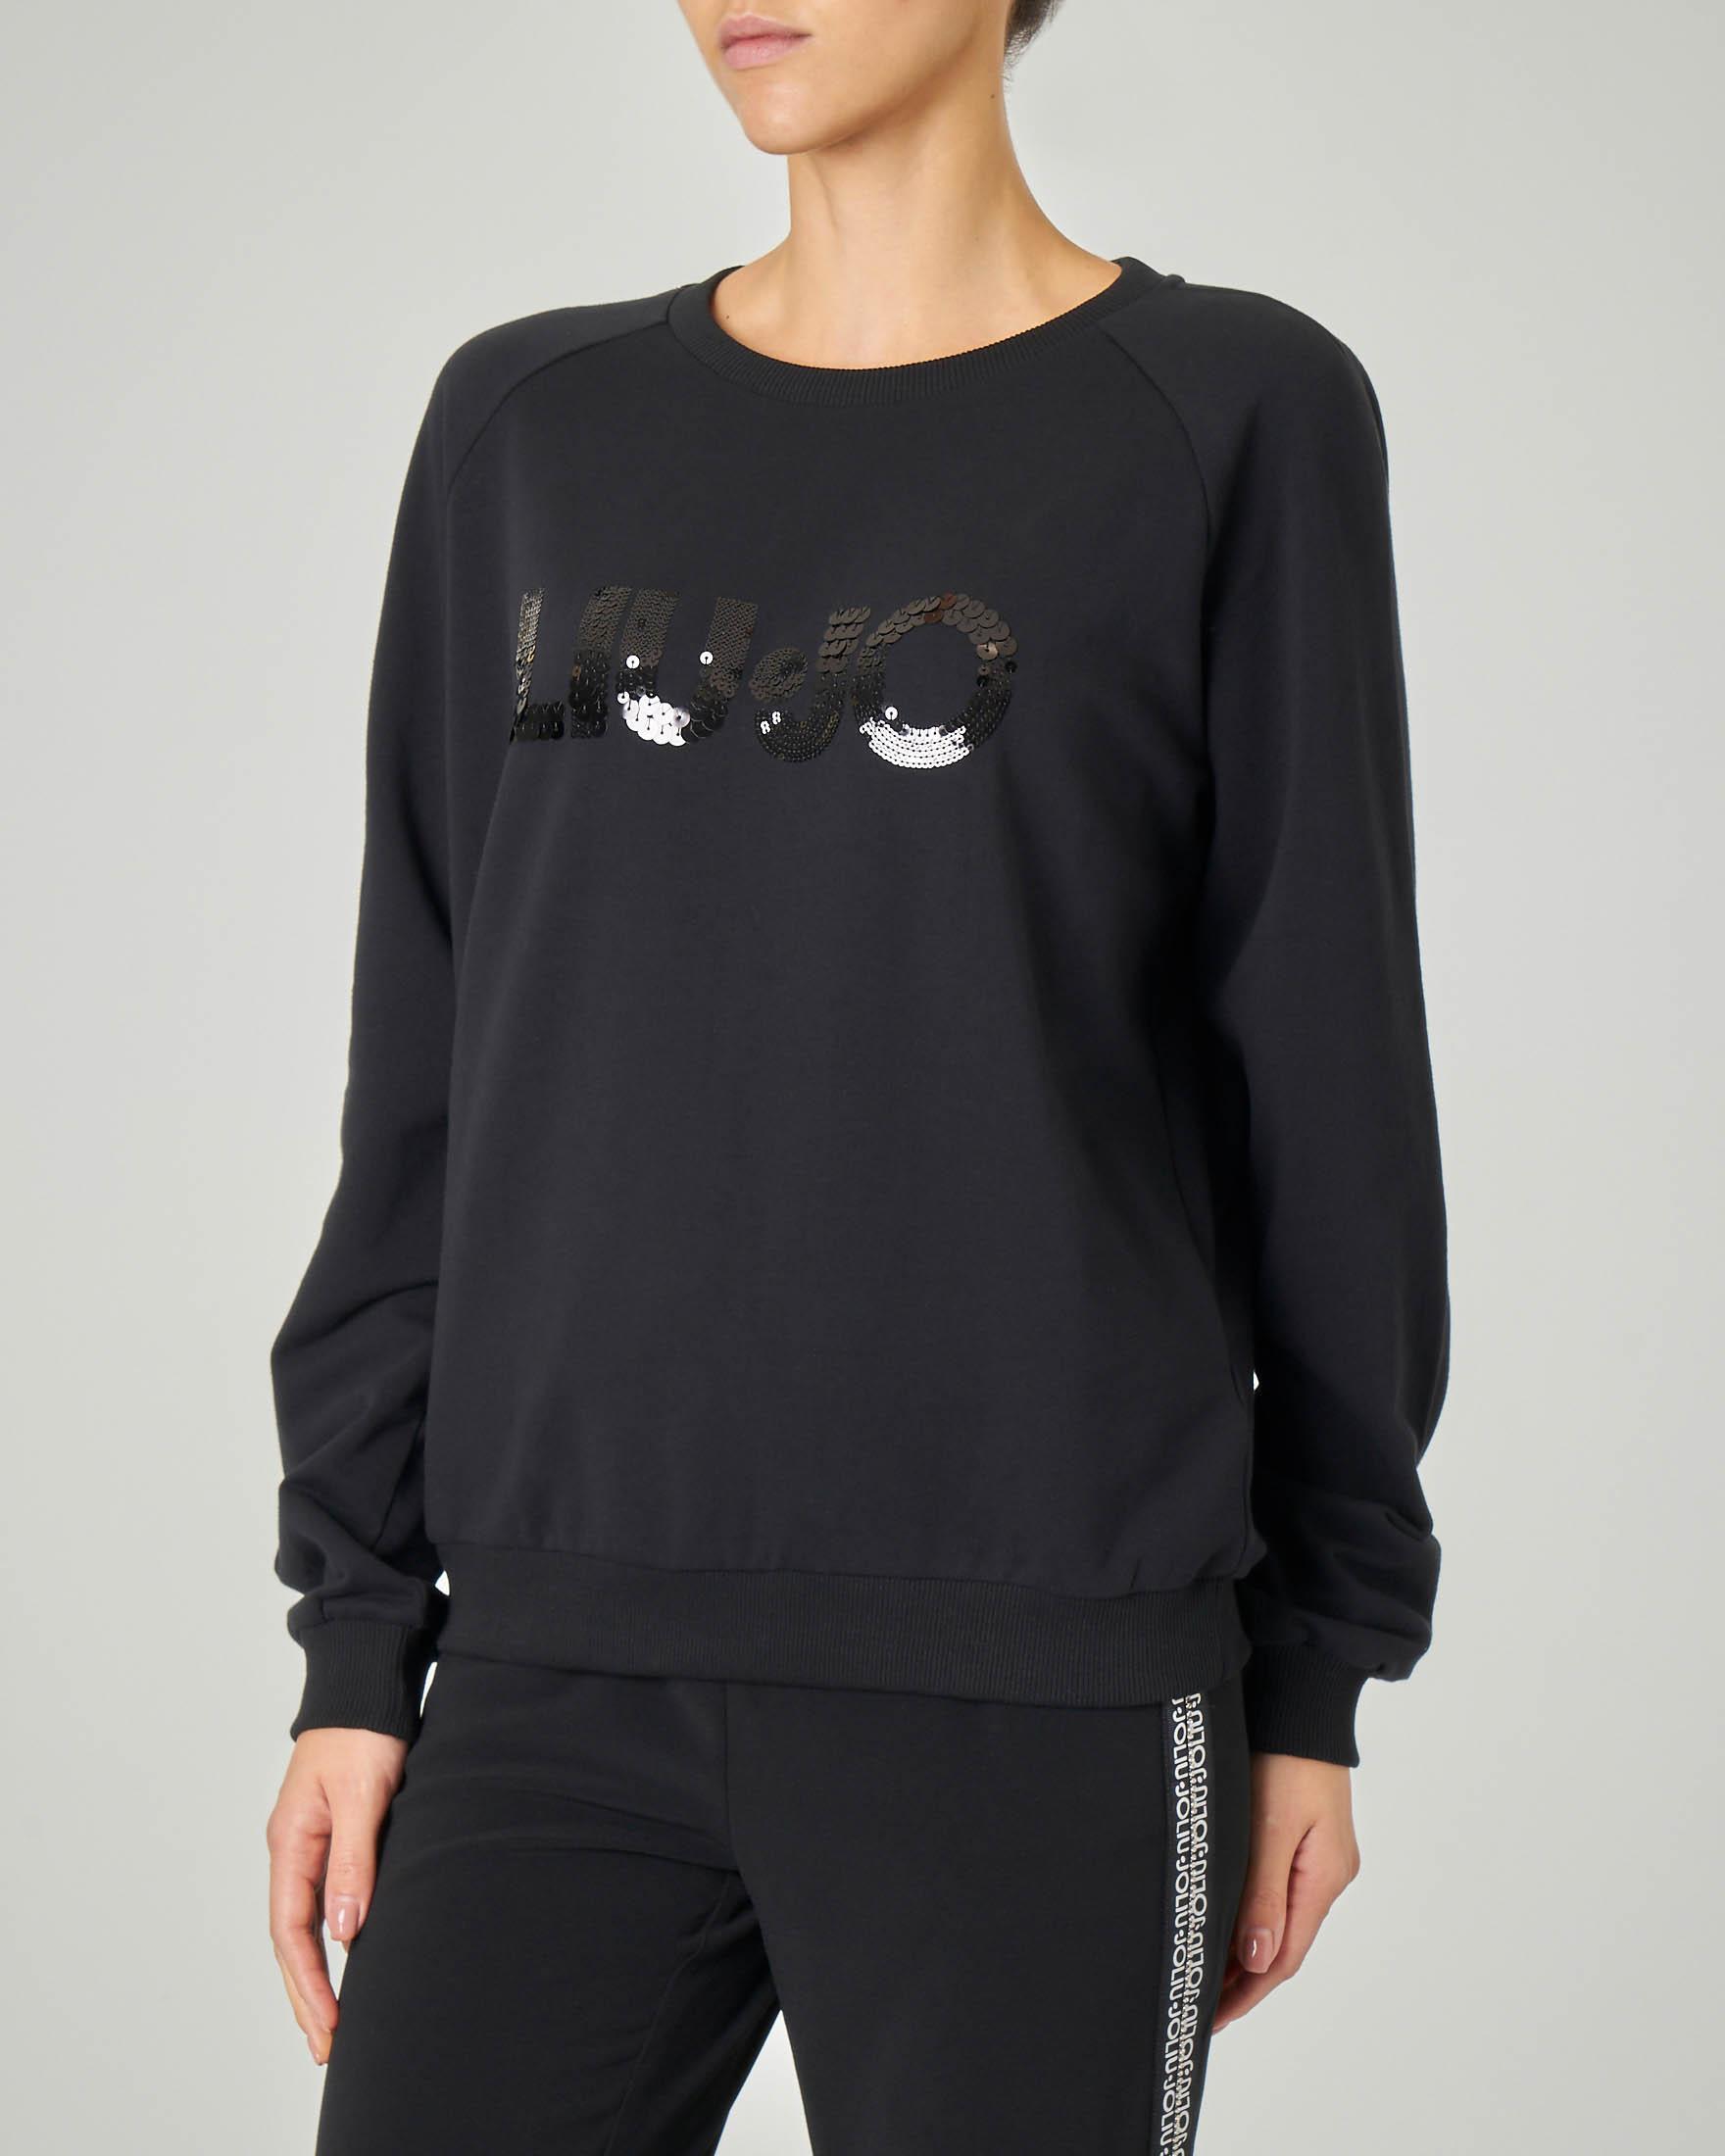 Felpa nera in jersey di cotone con scritta logo in paillettes tono su tono